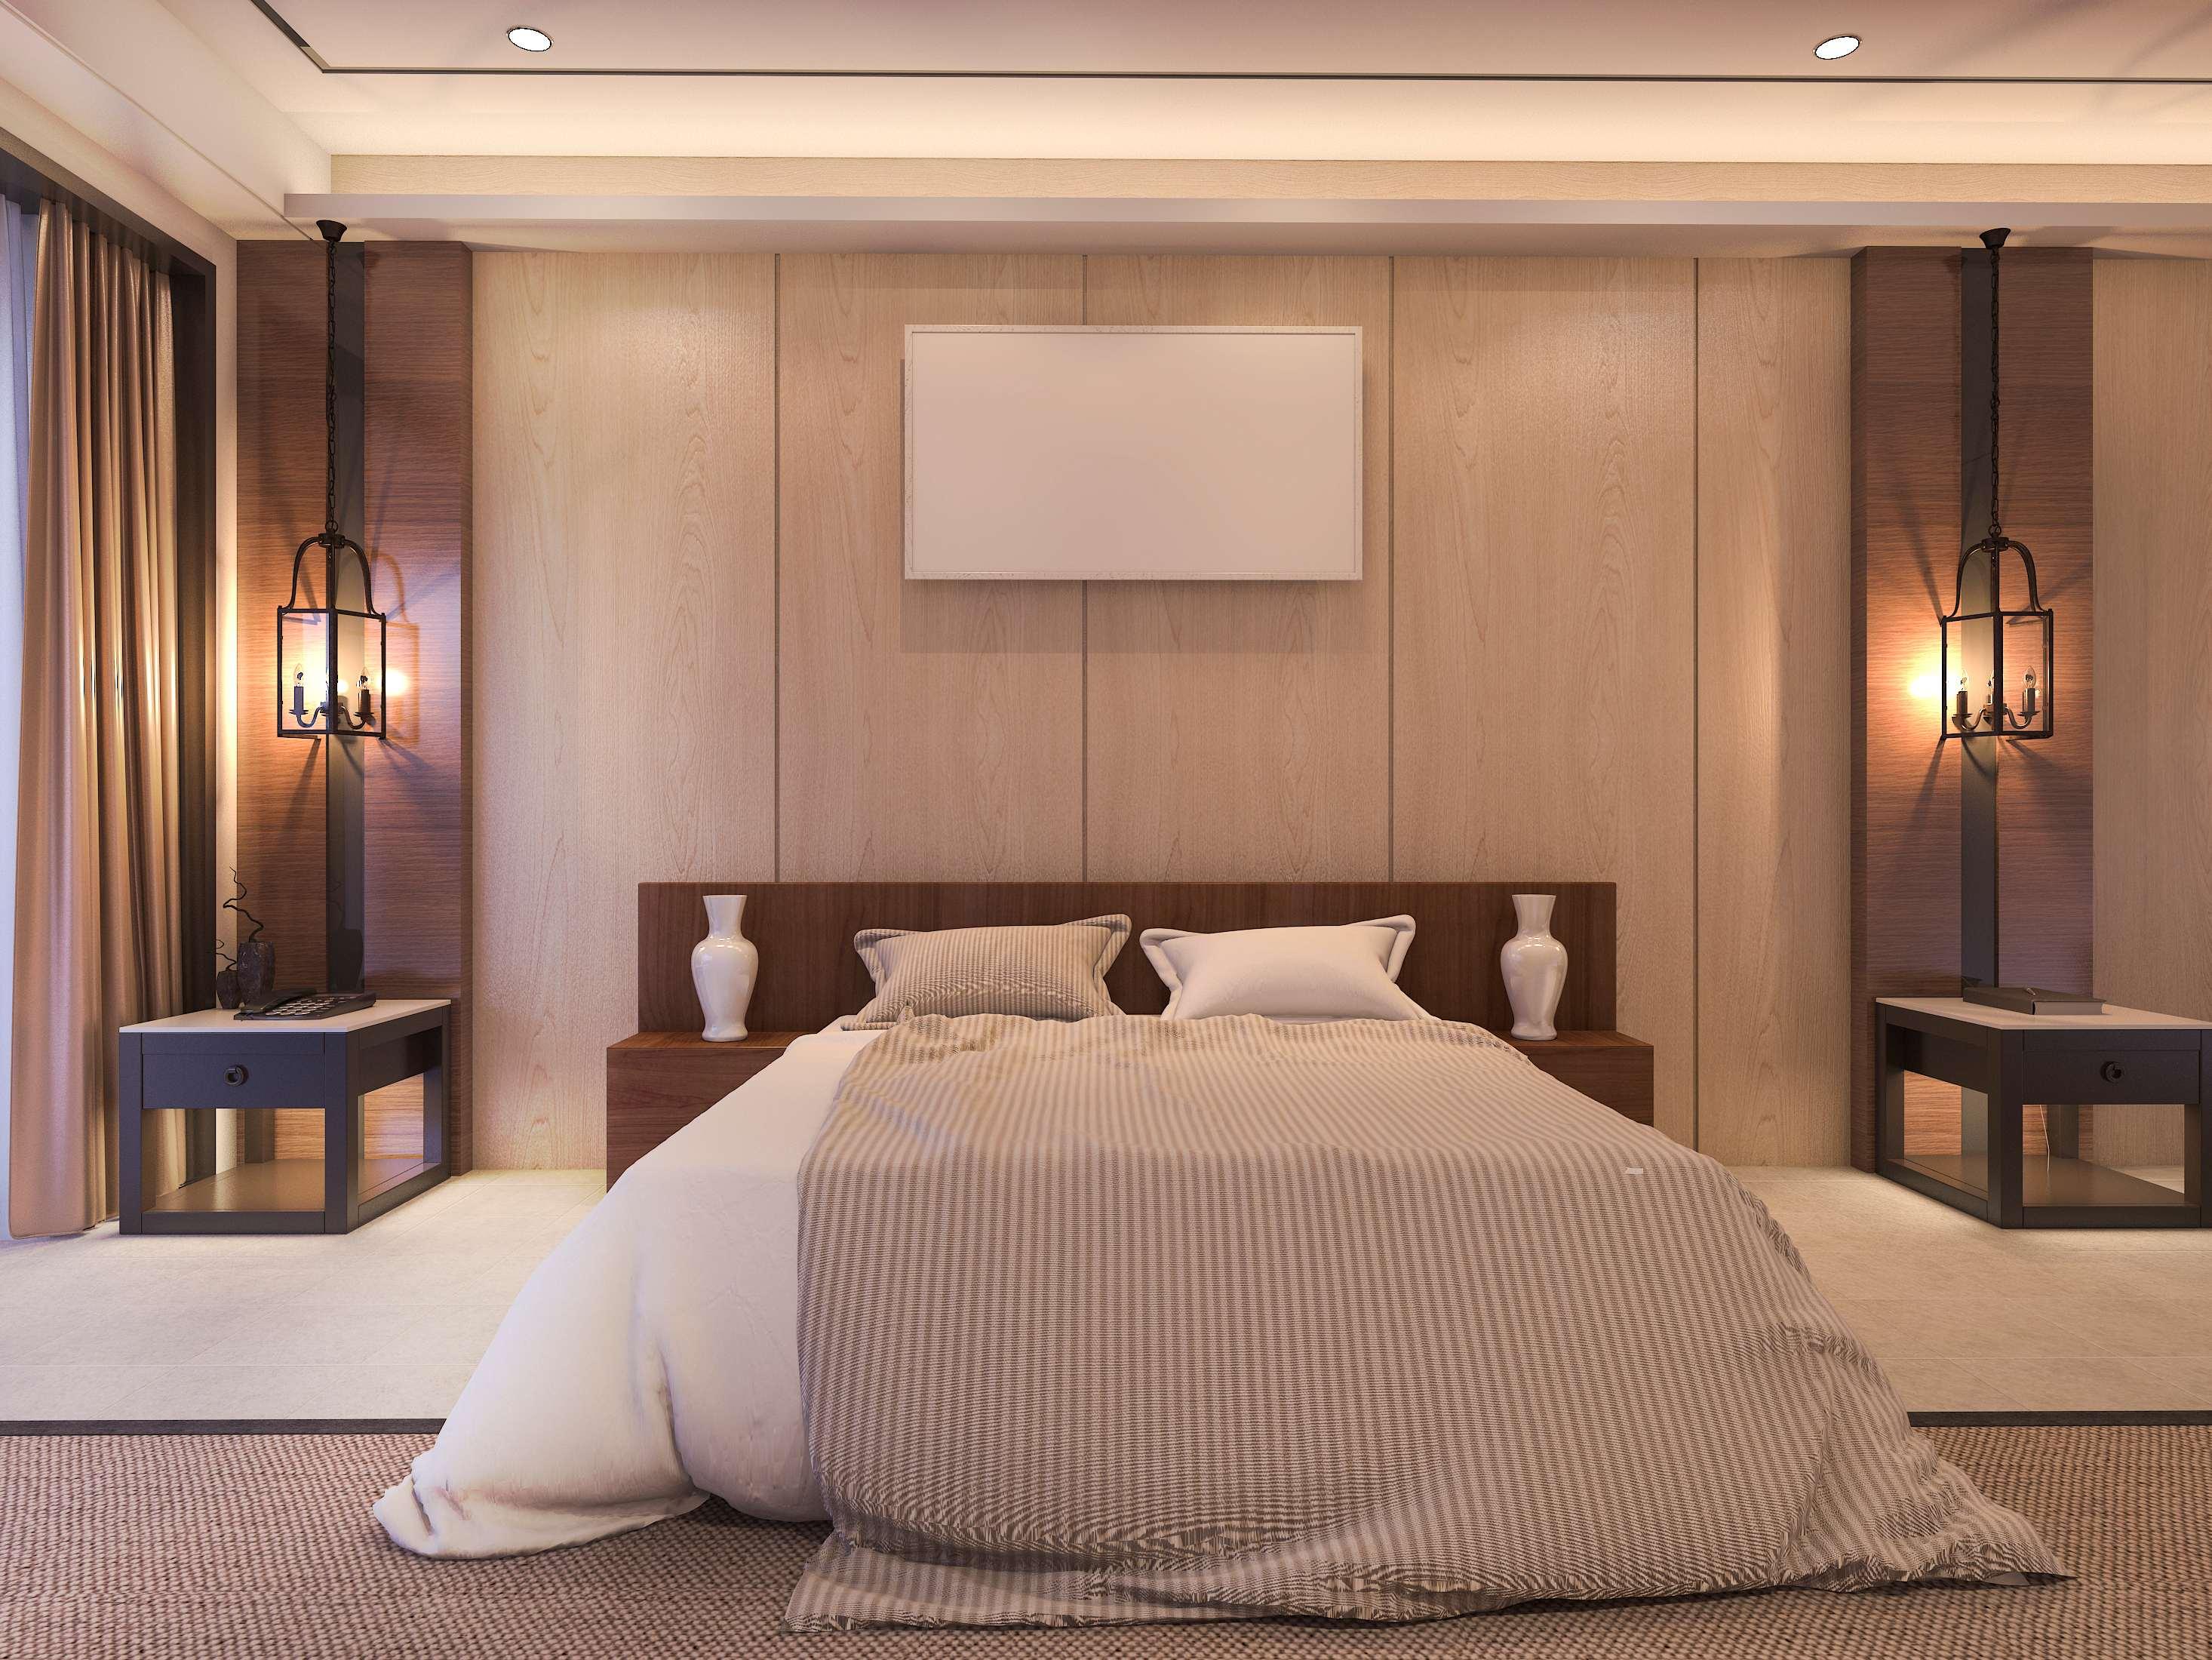 Laminaatparkett magamistoa seinas